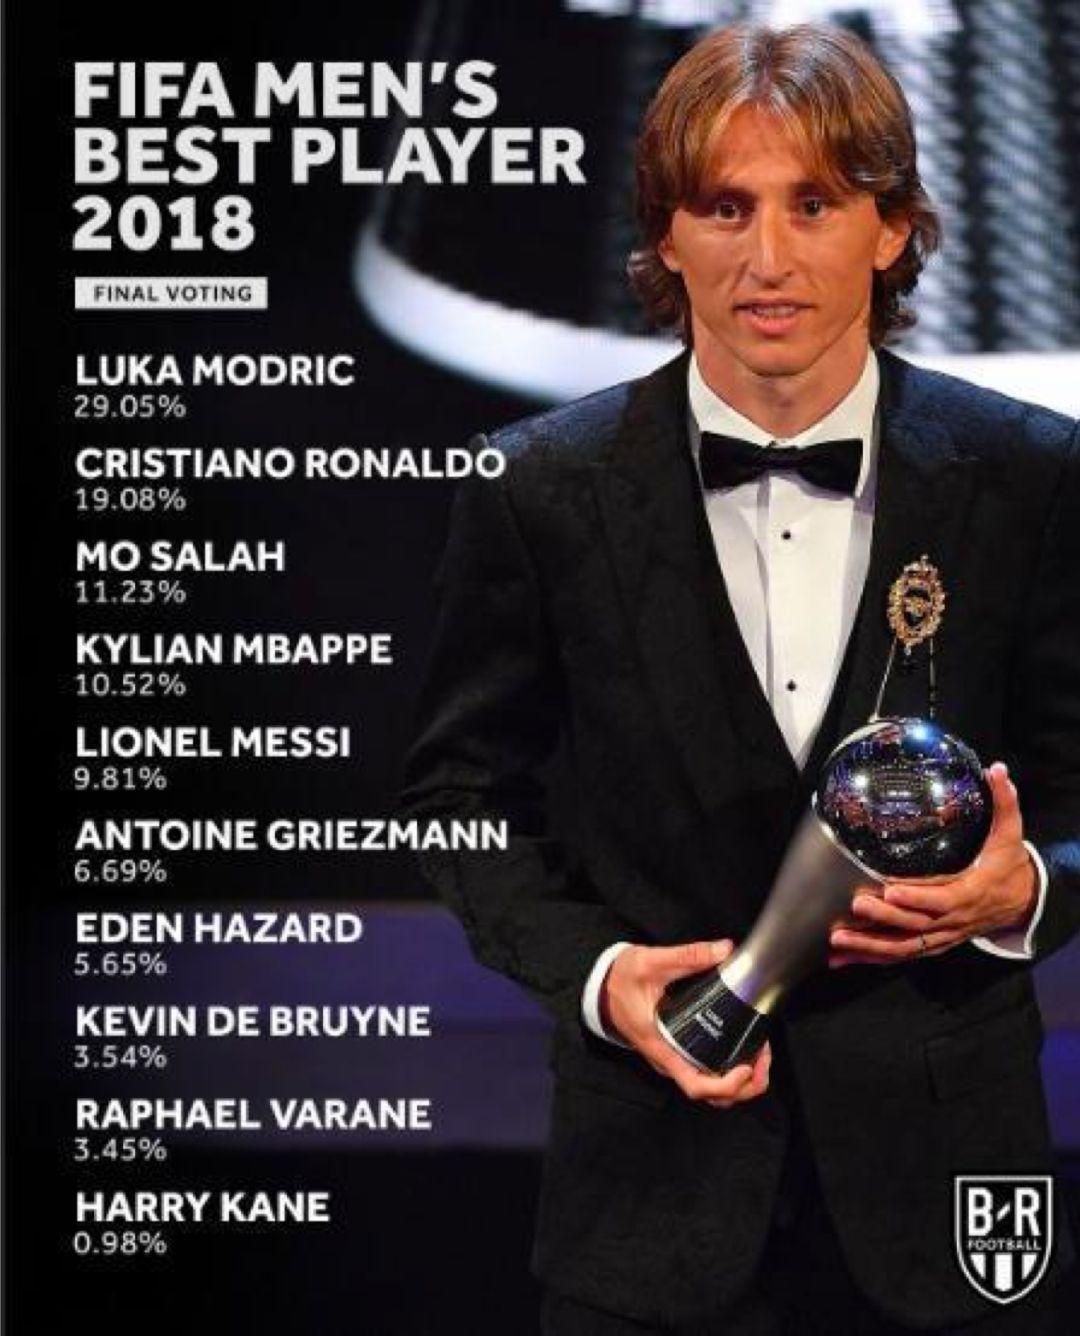 从FIFA最佳到NBA投票,为何奖项评选总是争议不断?